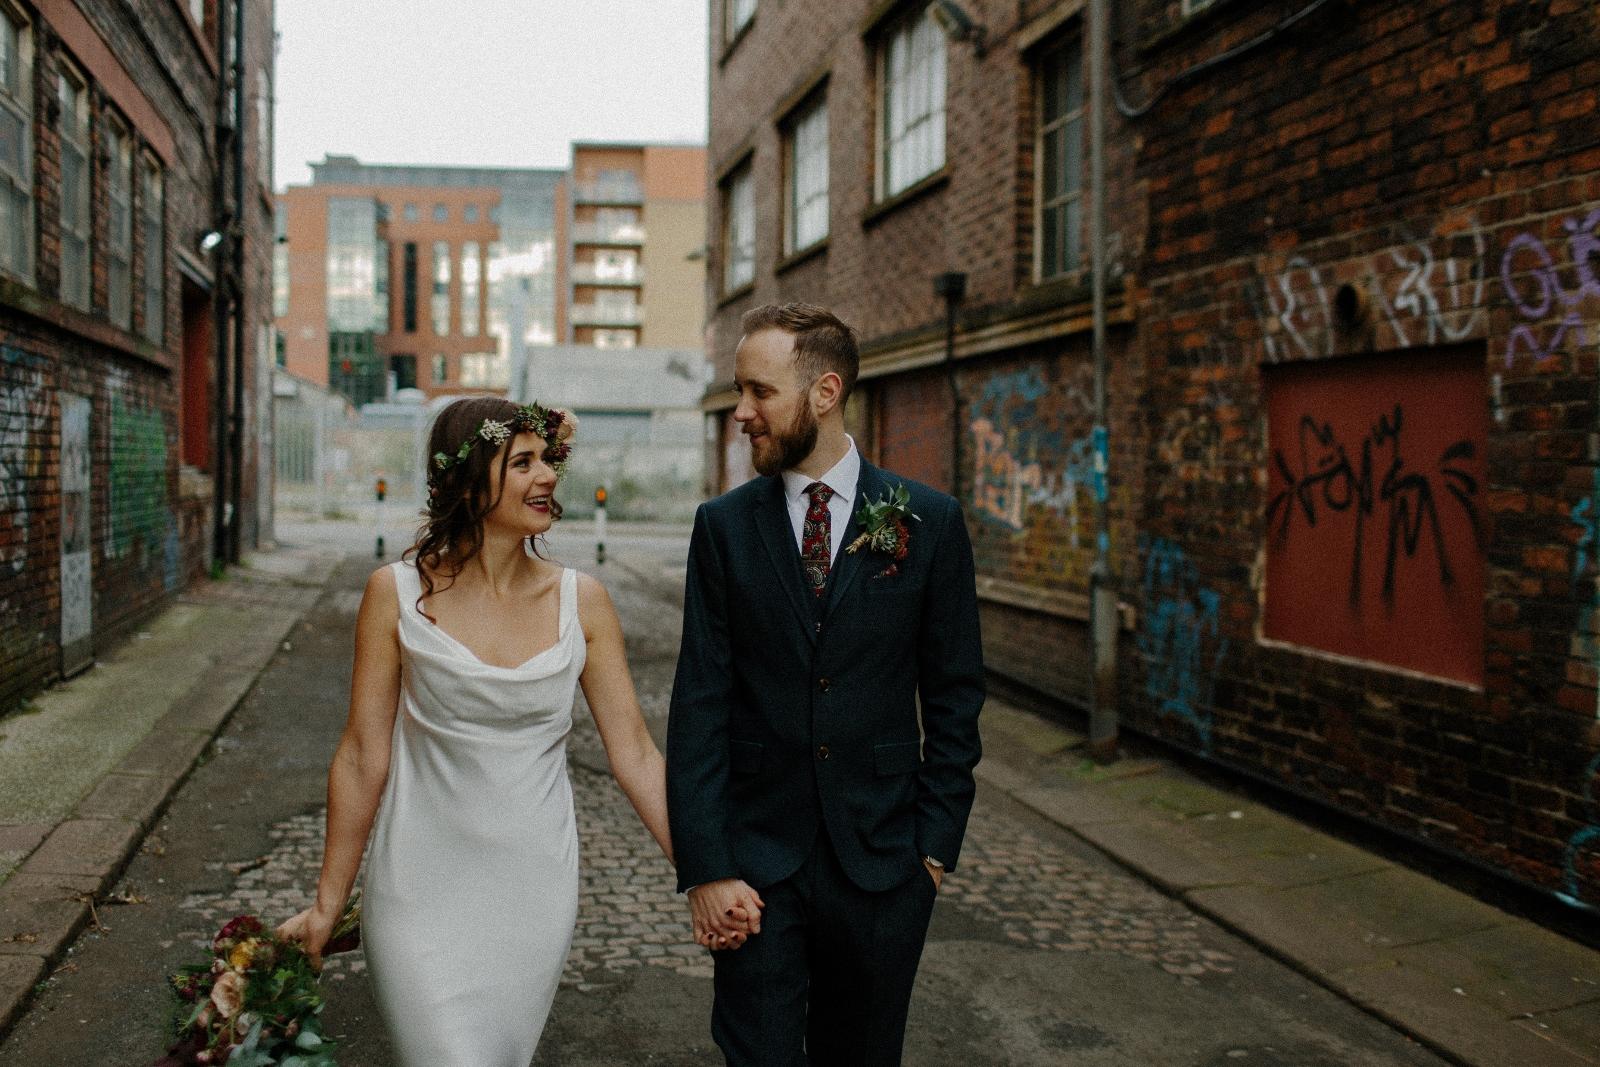 Mike & Tom Storytelling Wedding Photographers